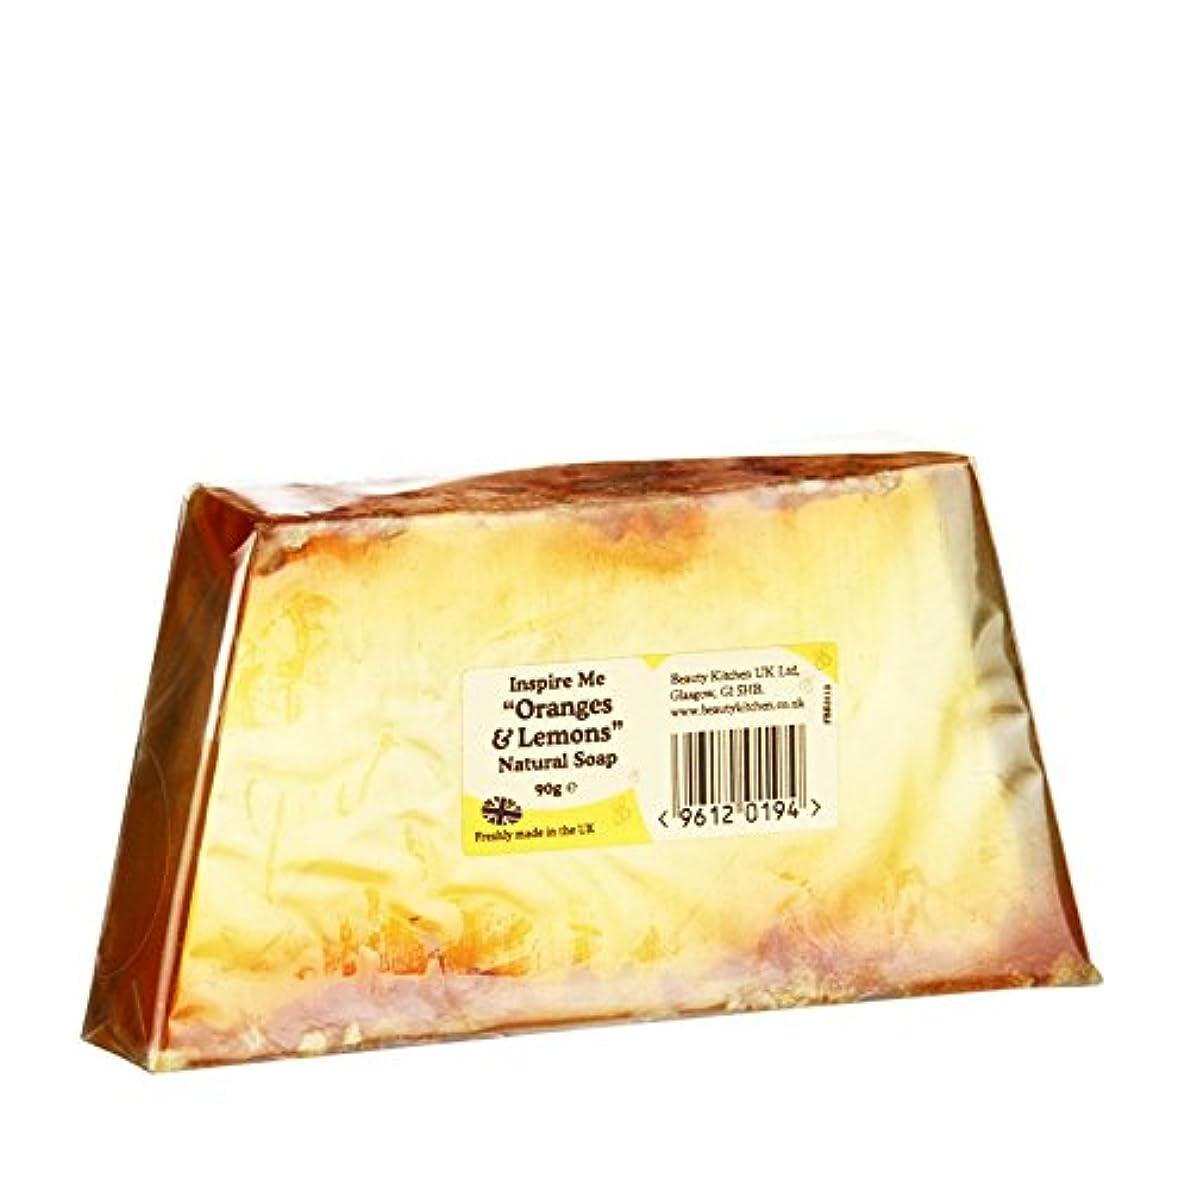 溶融言語学非難する美しさのキッチンは私がオレンジ&レモンの天然石鹸90グラム鼓舞します - Beauty Kitchen Inspire Me Orange & Lemon Natural Soap 90g (Beauty Kitchen...